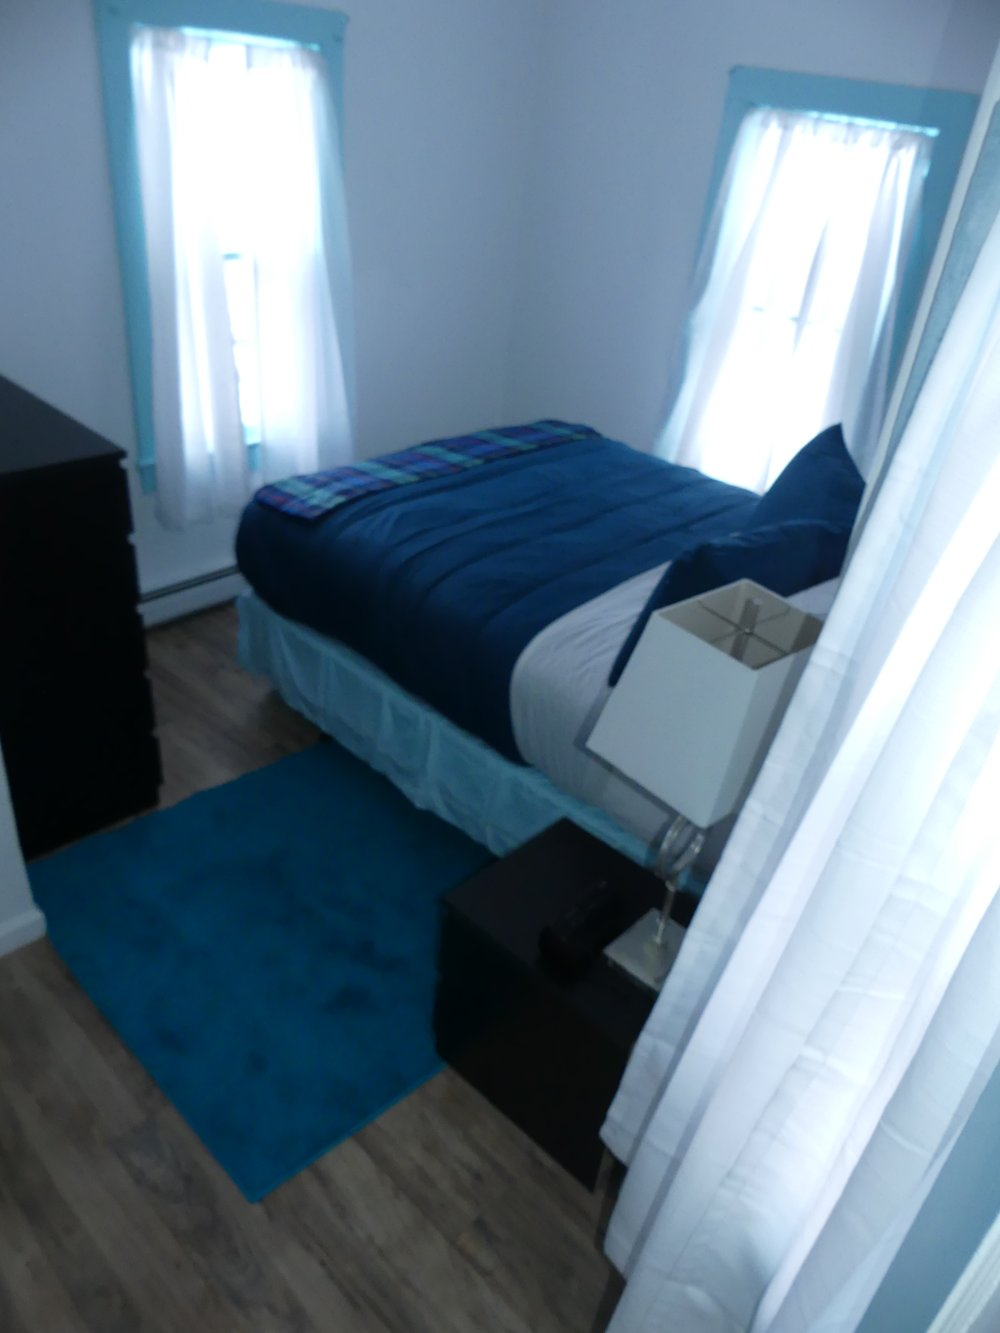 9A Bedroom.jpg